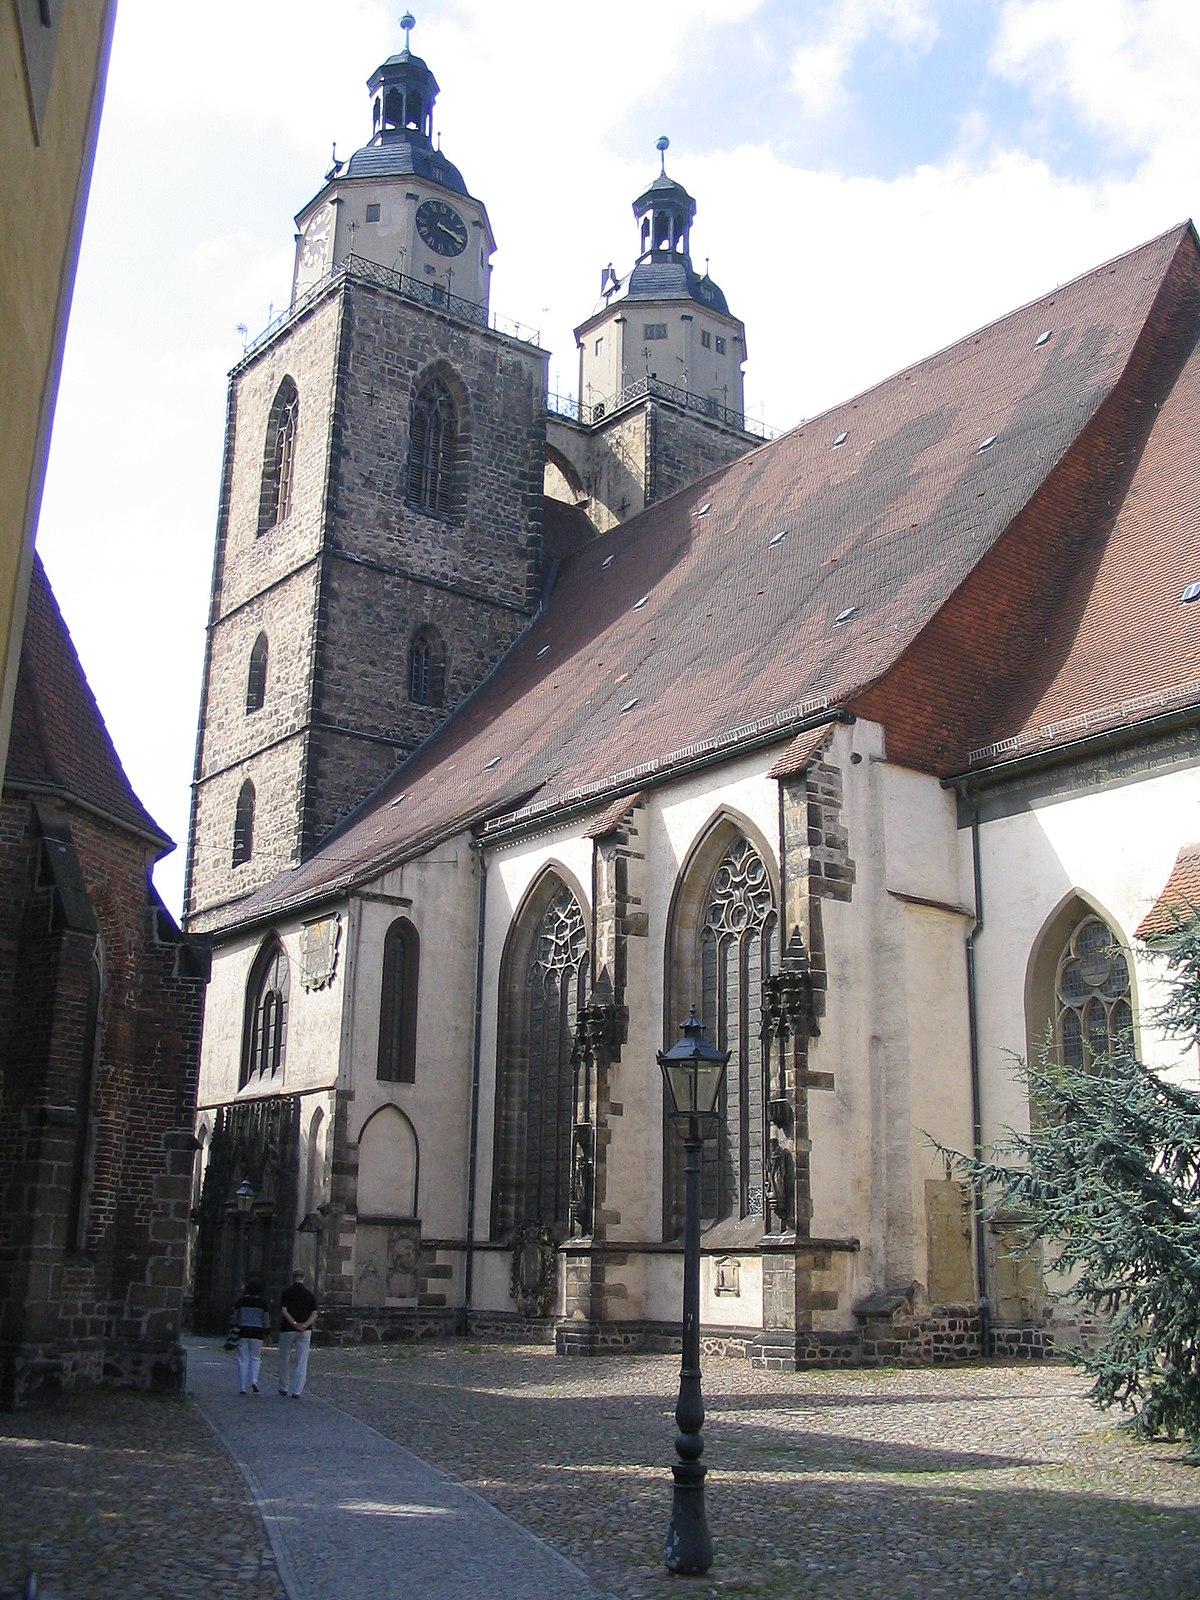 Stadtkirche Wittenberg - Wikipedia